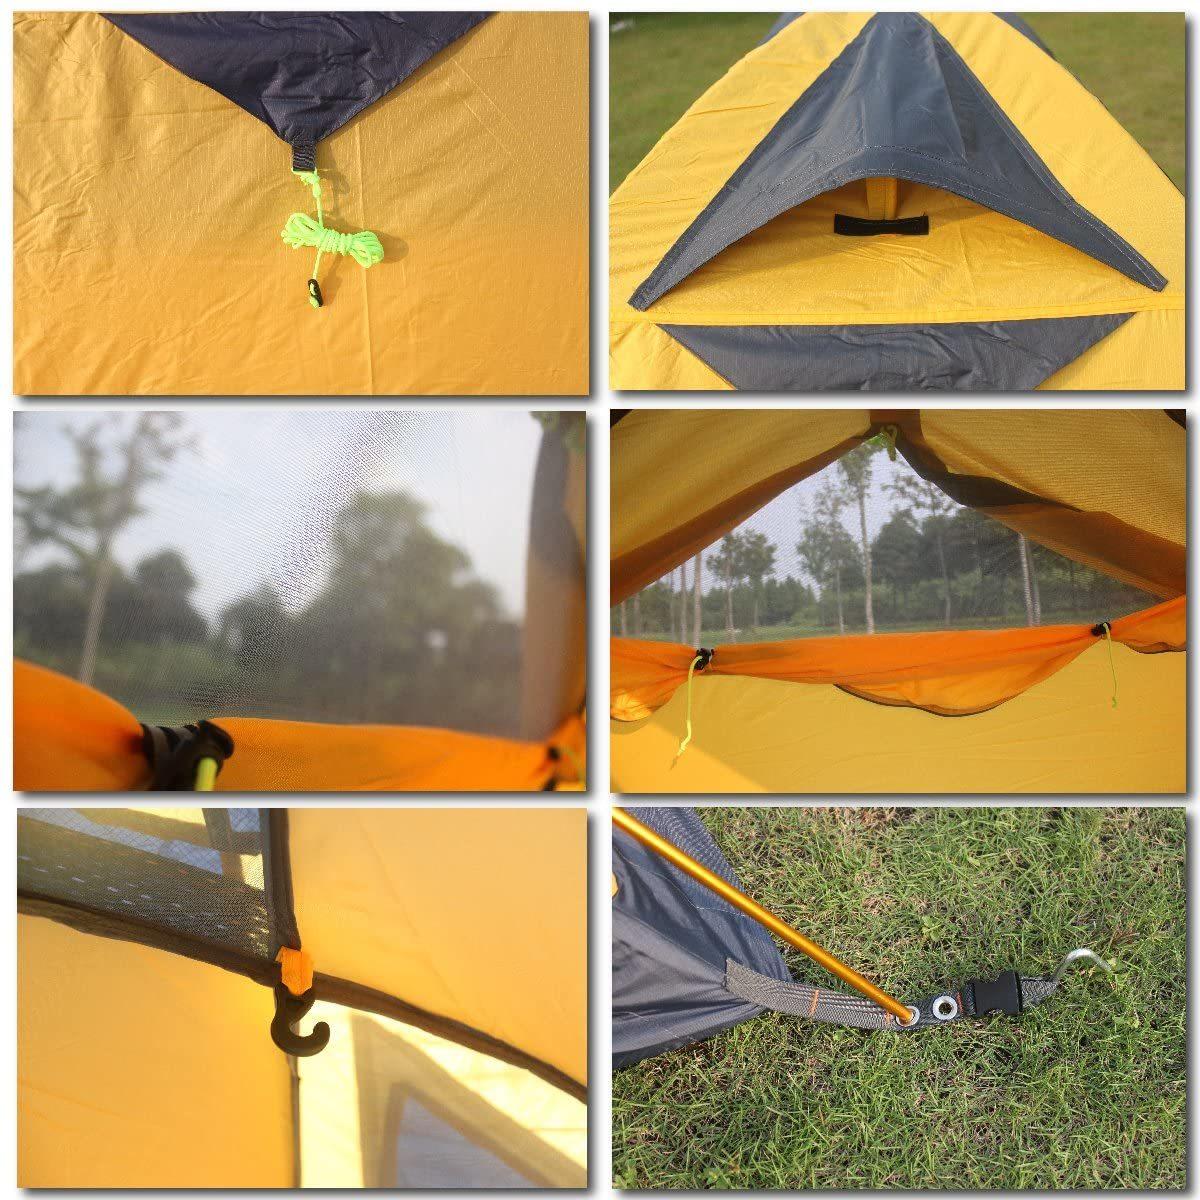 ソロ キャンプ テント スカート付き 4シーズン イエロー ツーリング アウトドア BBQ 防災 避難 2人用 レッド